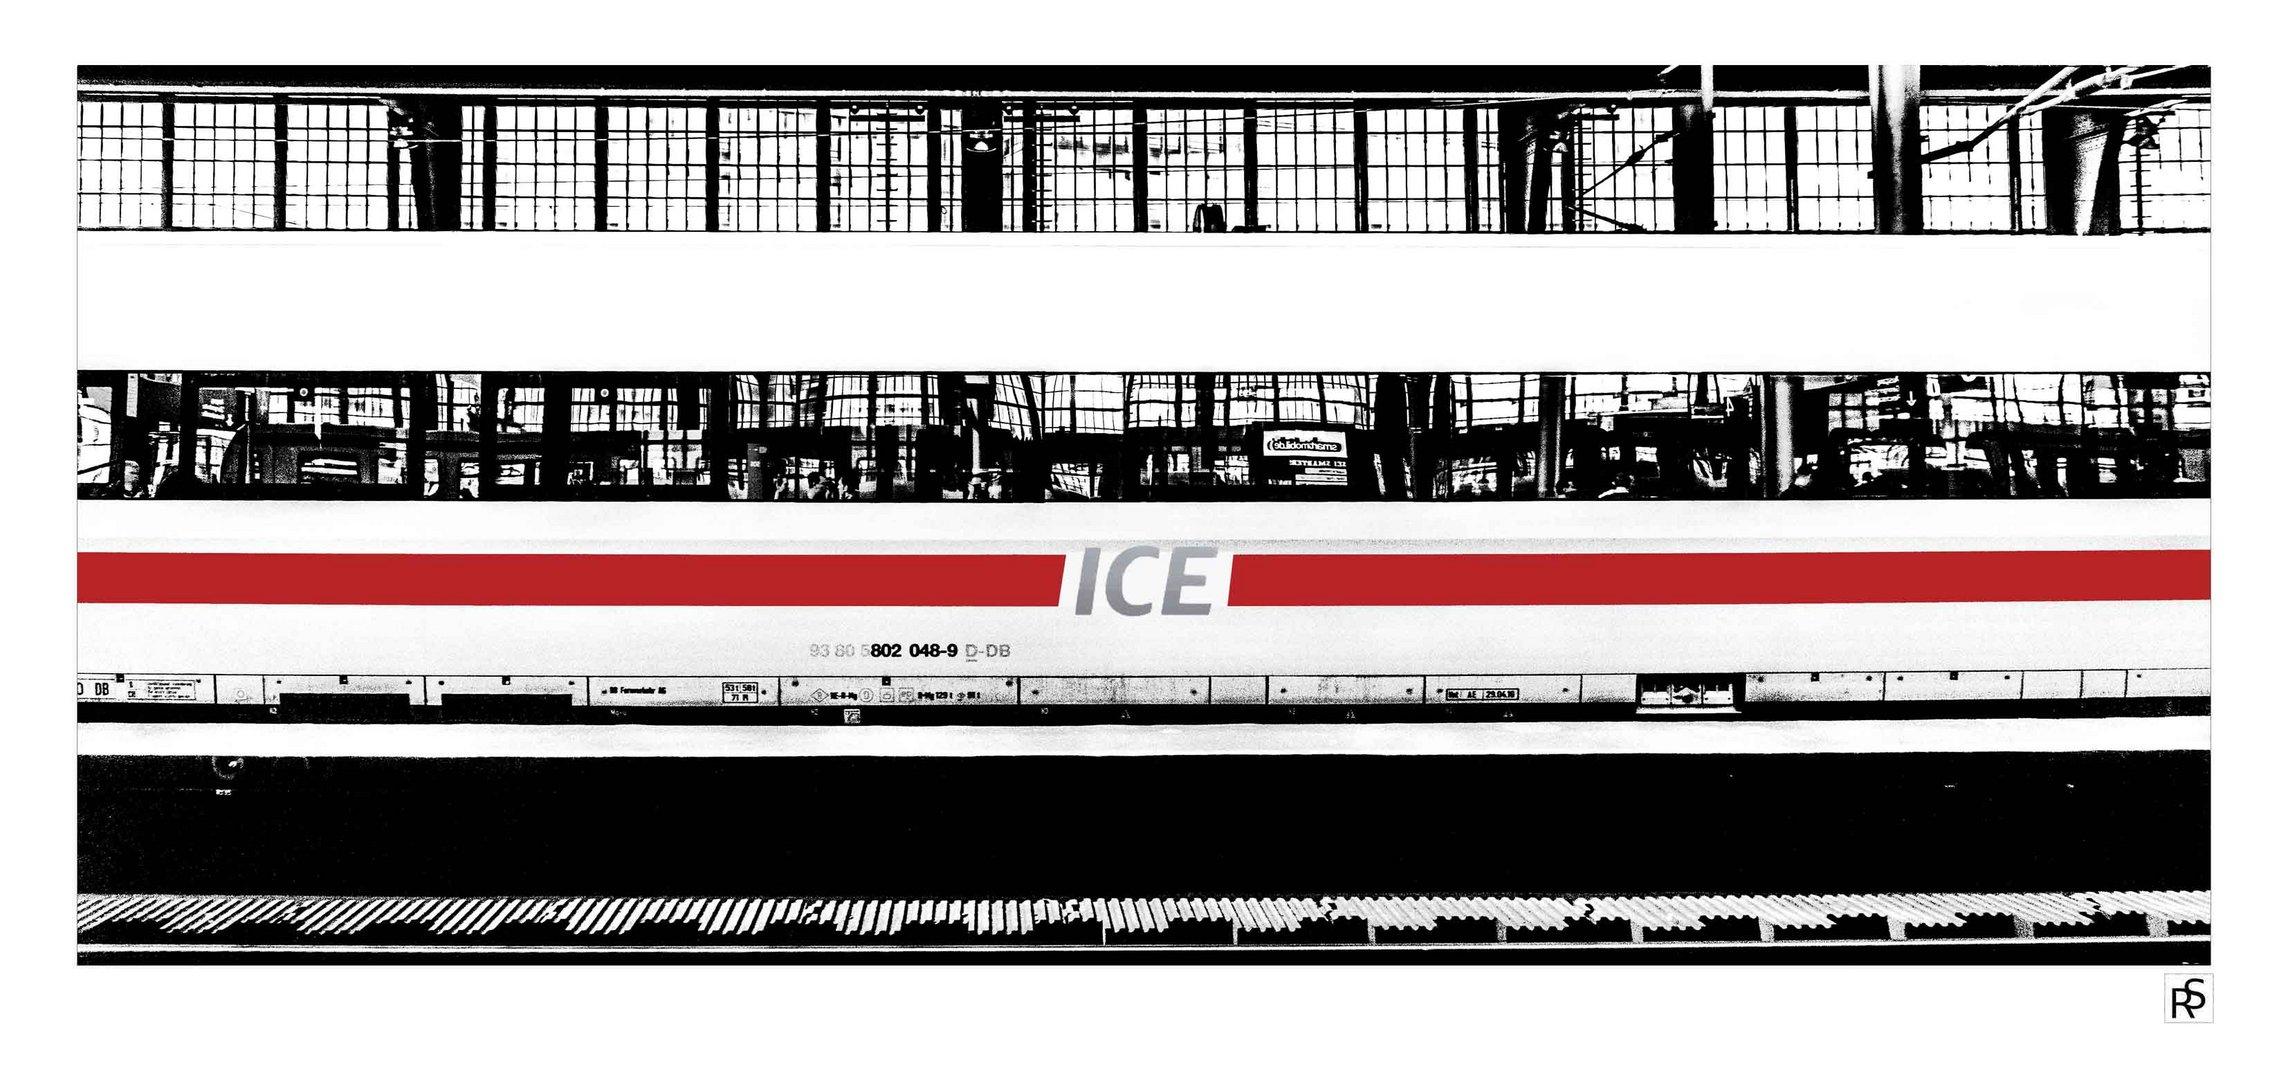 ICE am Bahnsteig